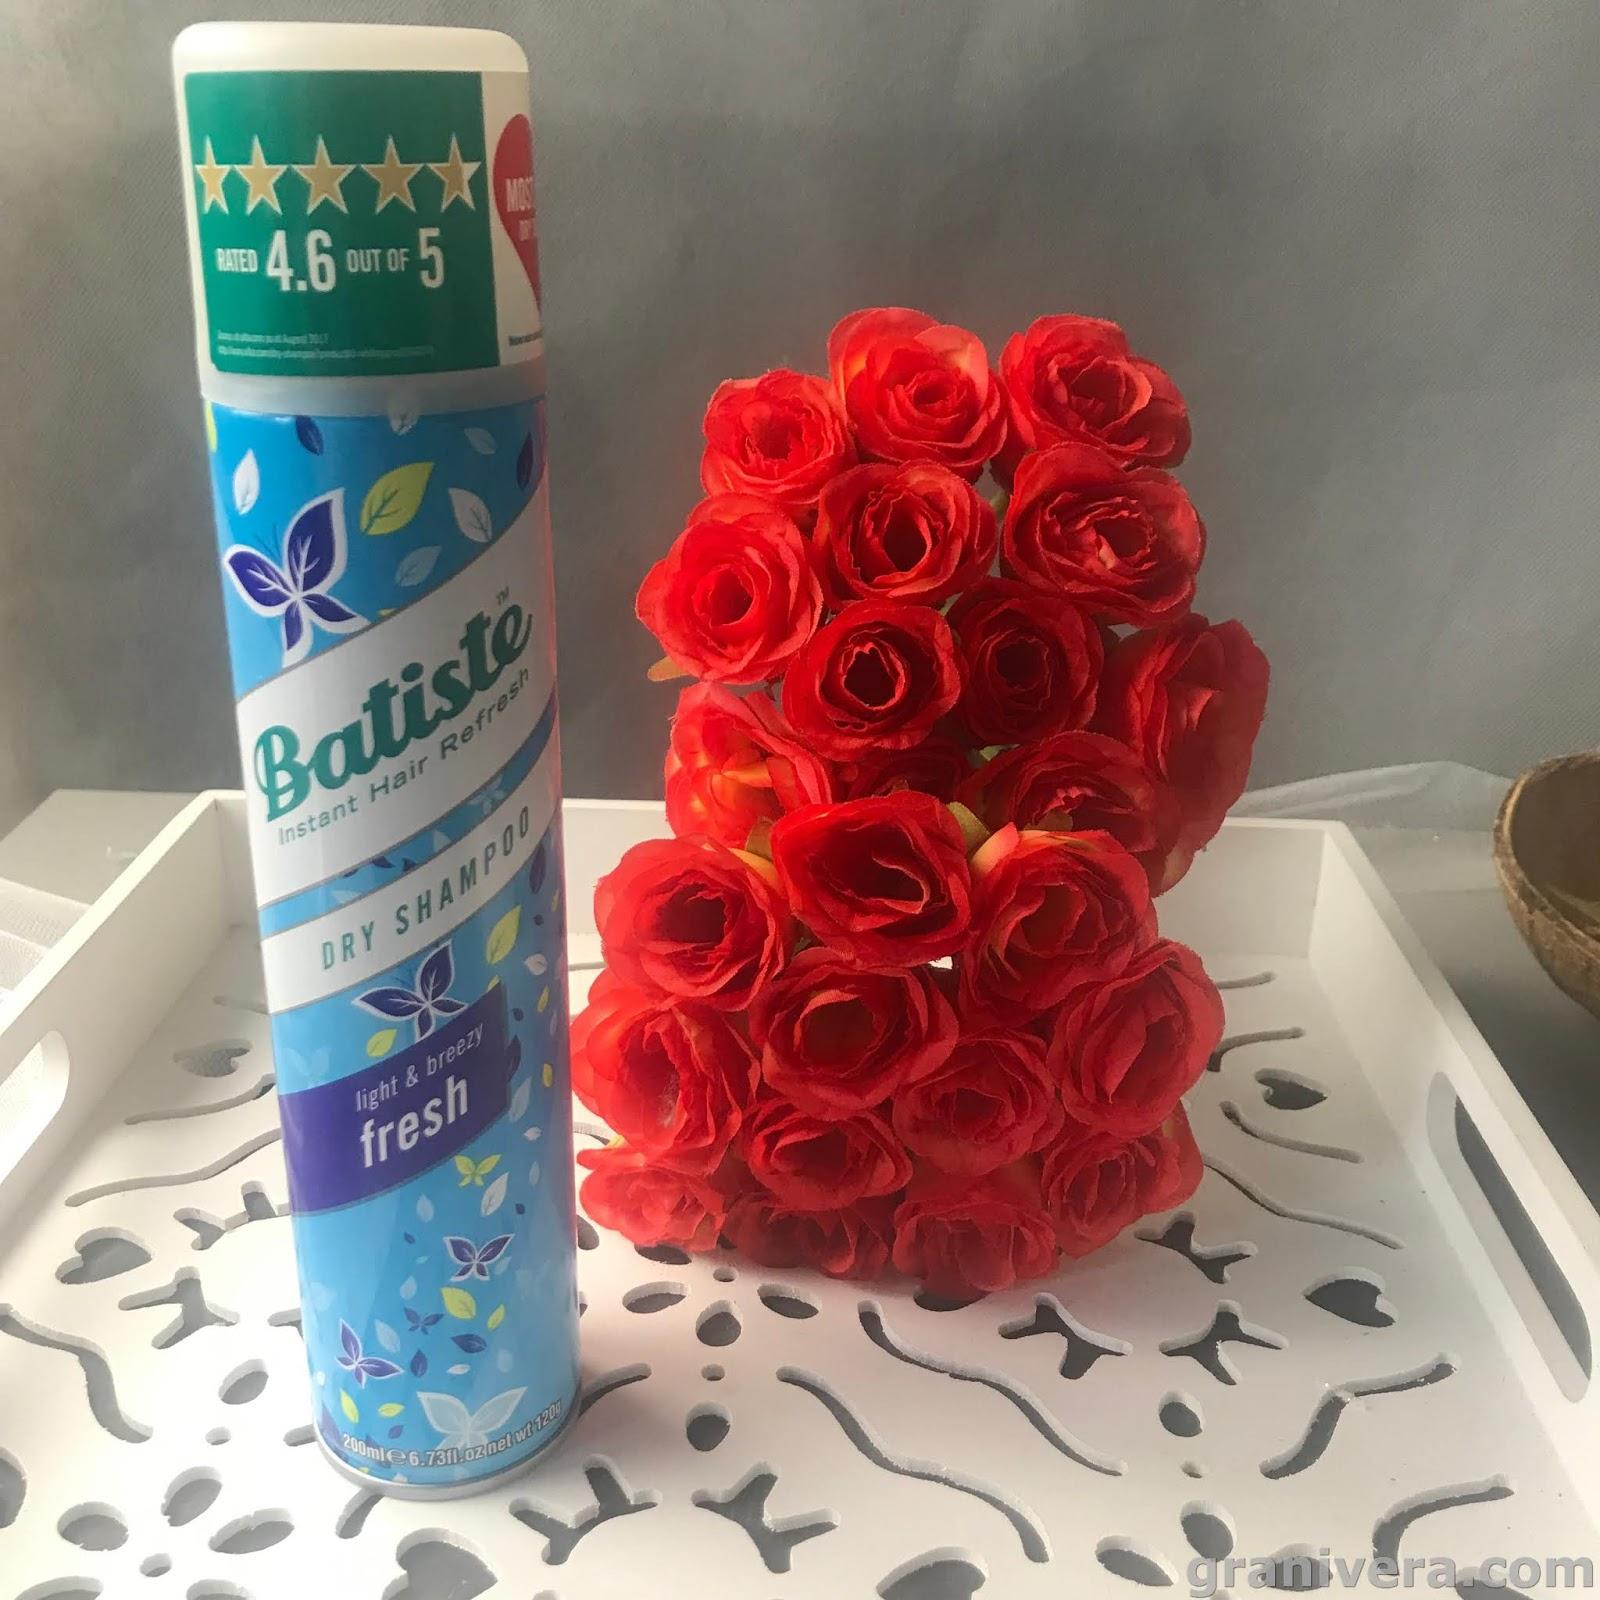 Suchy szampon Batiste light & Breezy Fresh / co to jest , jak często stosować ?